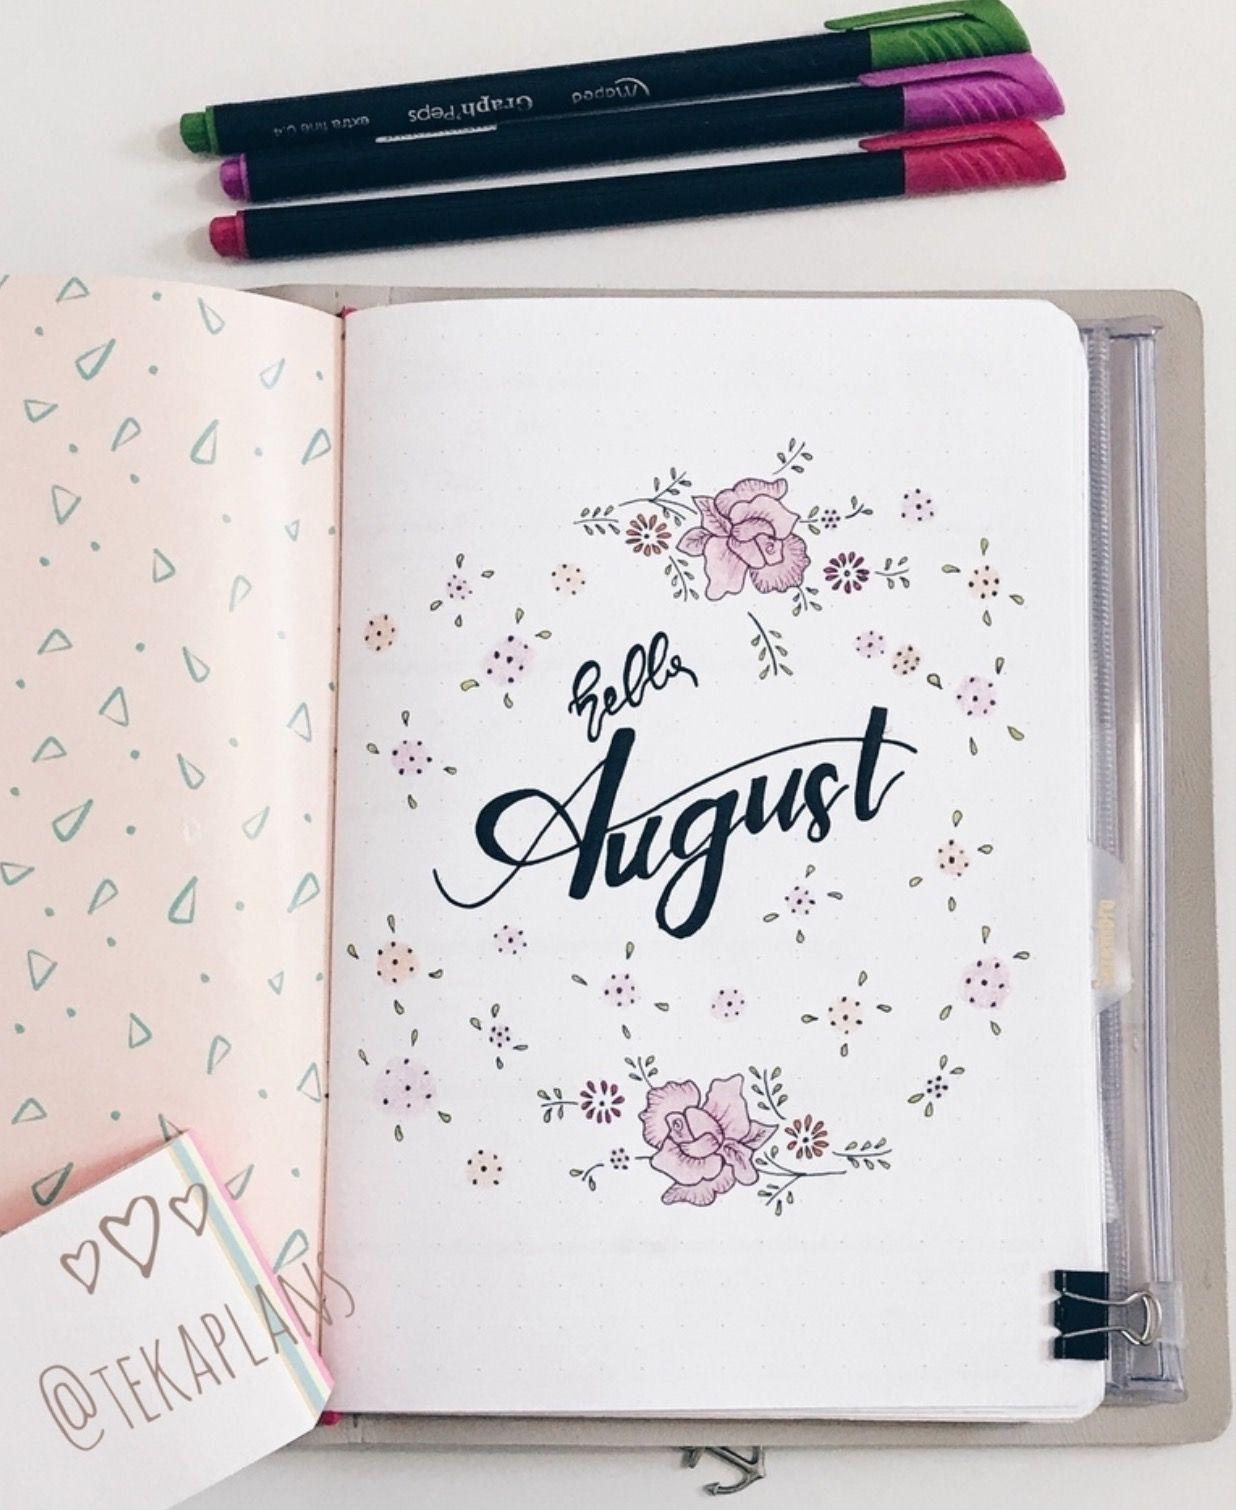 Positive Journaling // SammieXoxxoyt